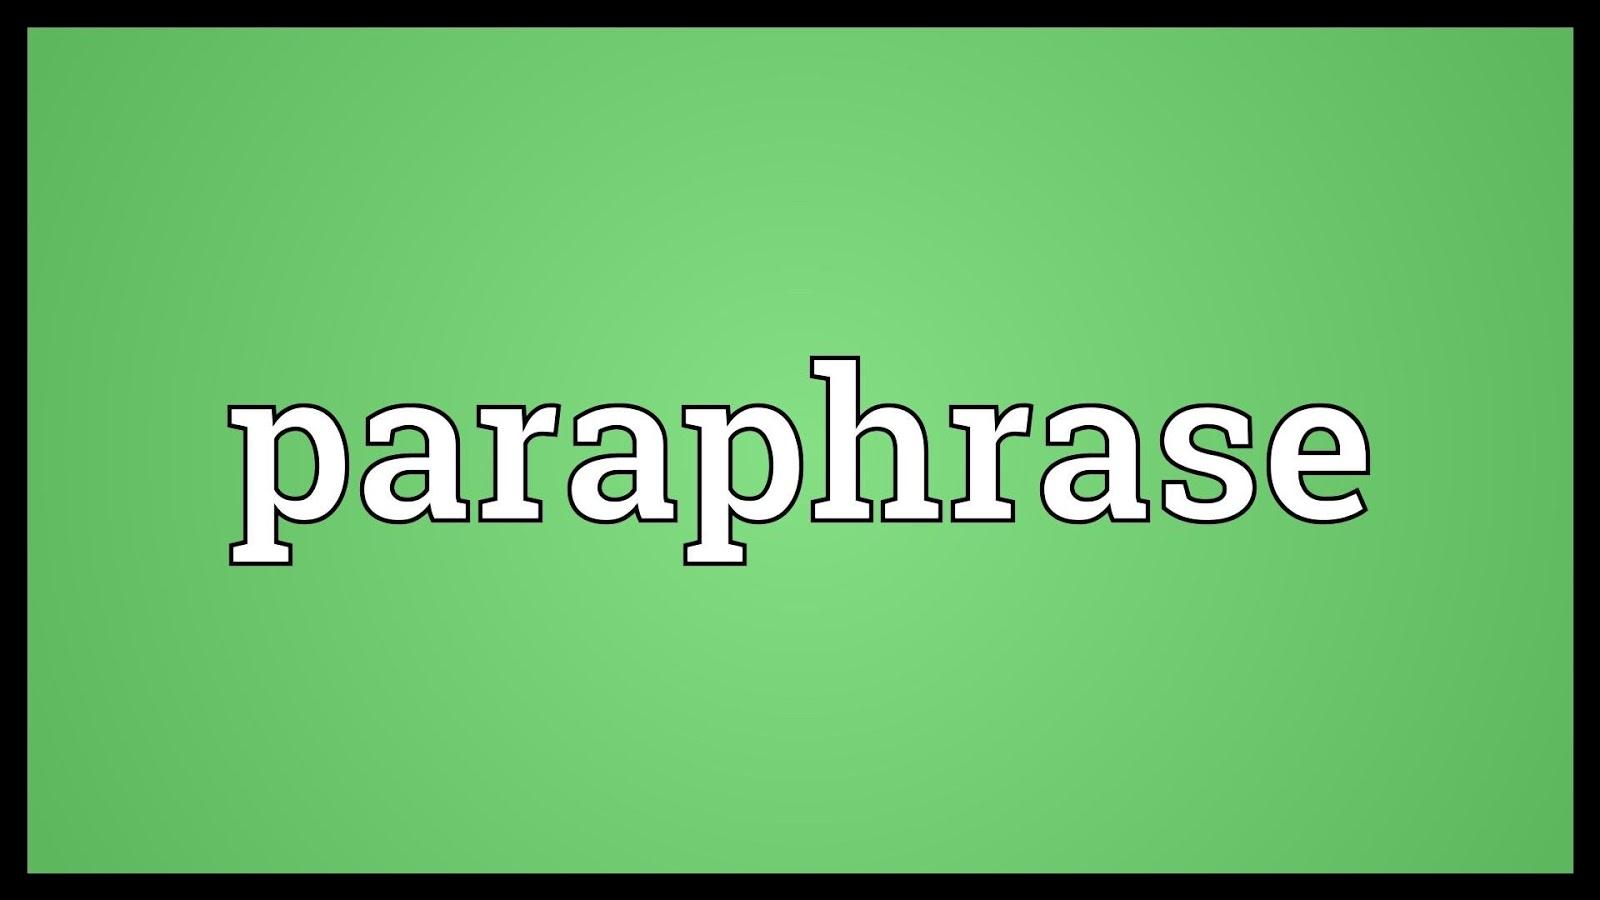 Paraphrase là kỹ năng cần thiết trong Reading nói riêng và kỳ thi IELTS nói chung